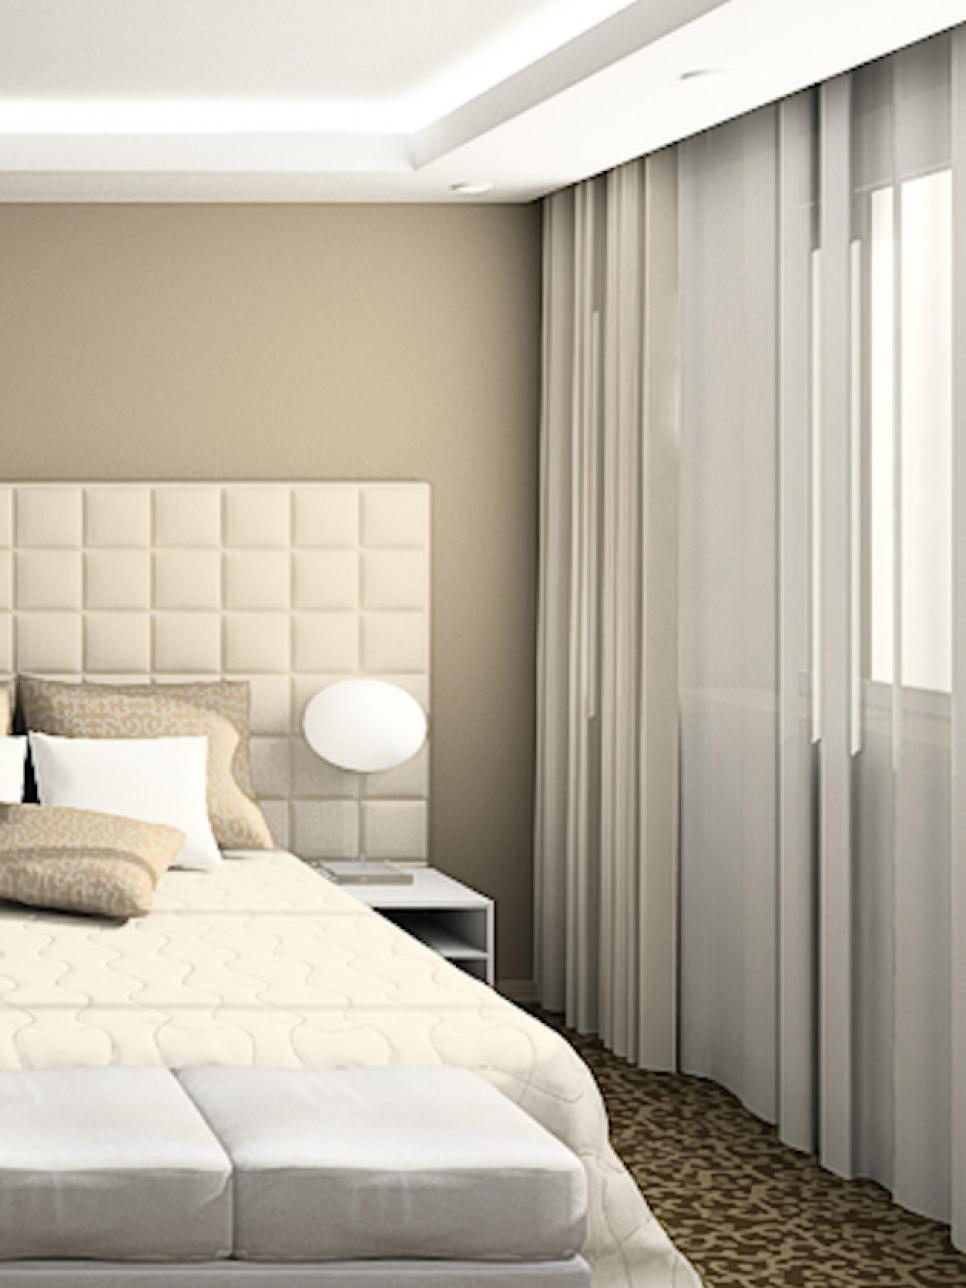 U uolaidos miegamajam k m gsta lietuviai o k - Glass block windows in living room ...